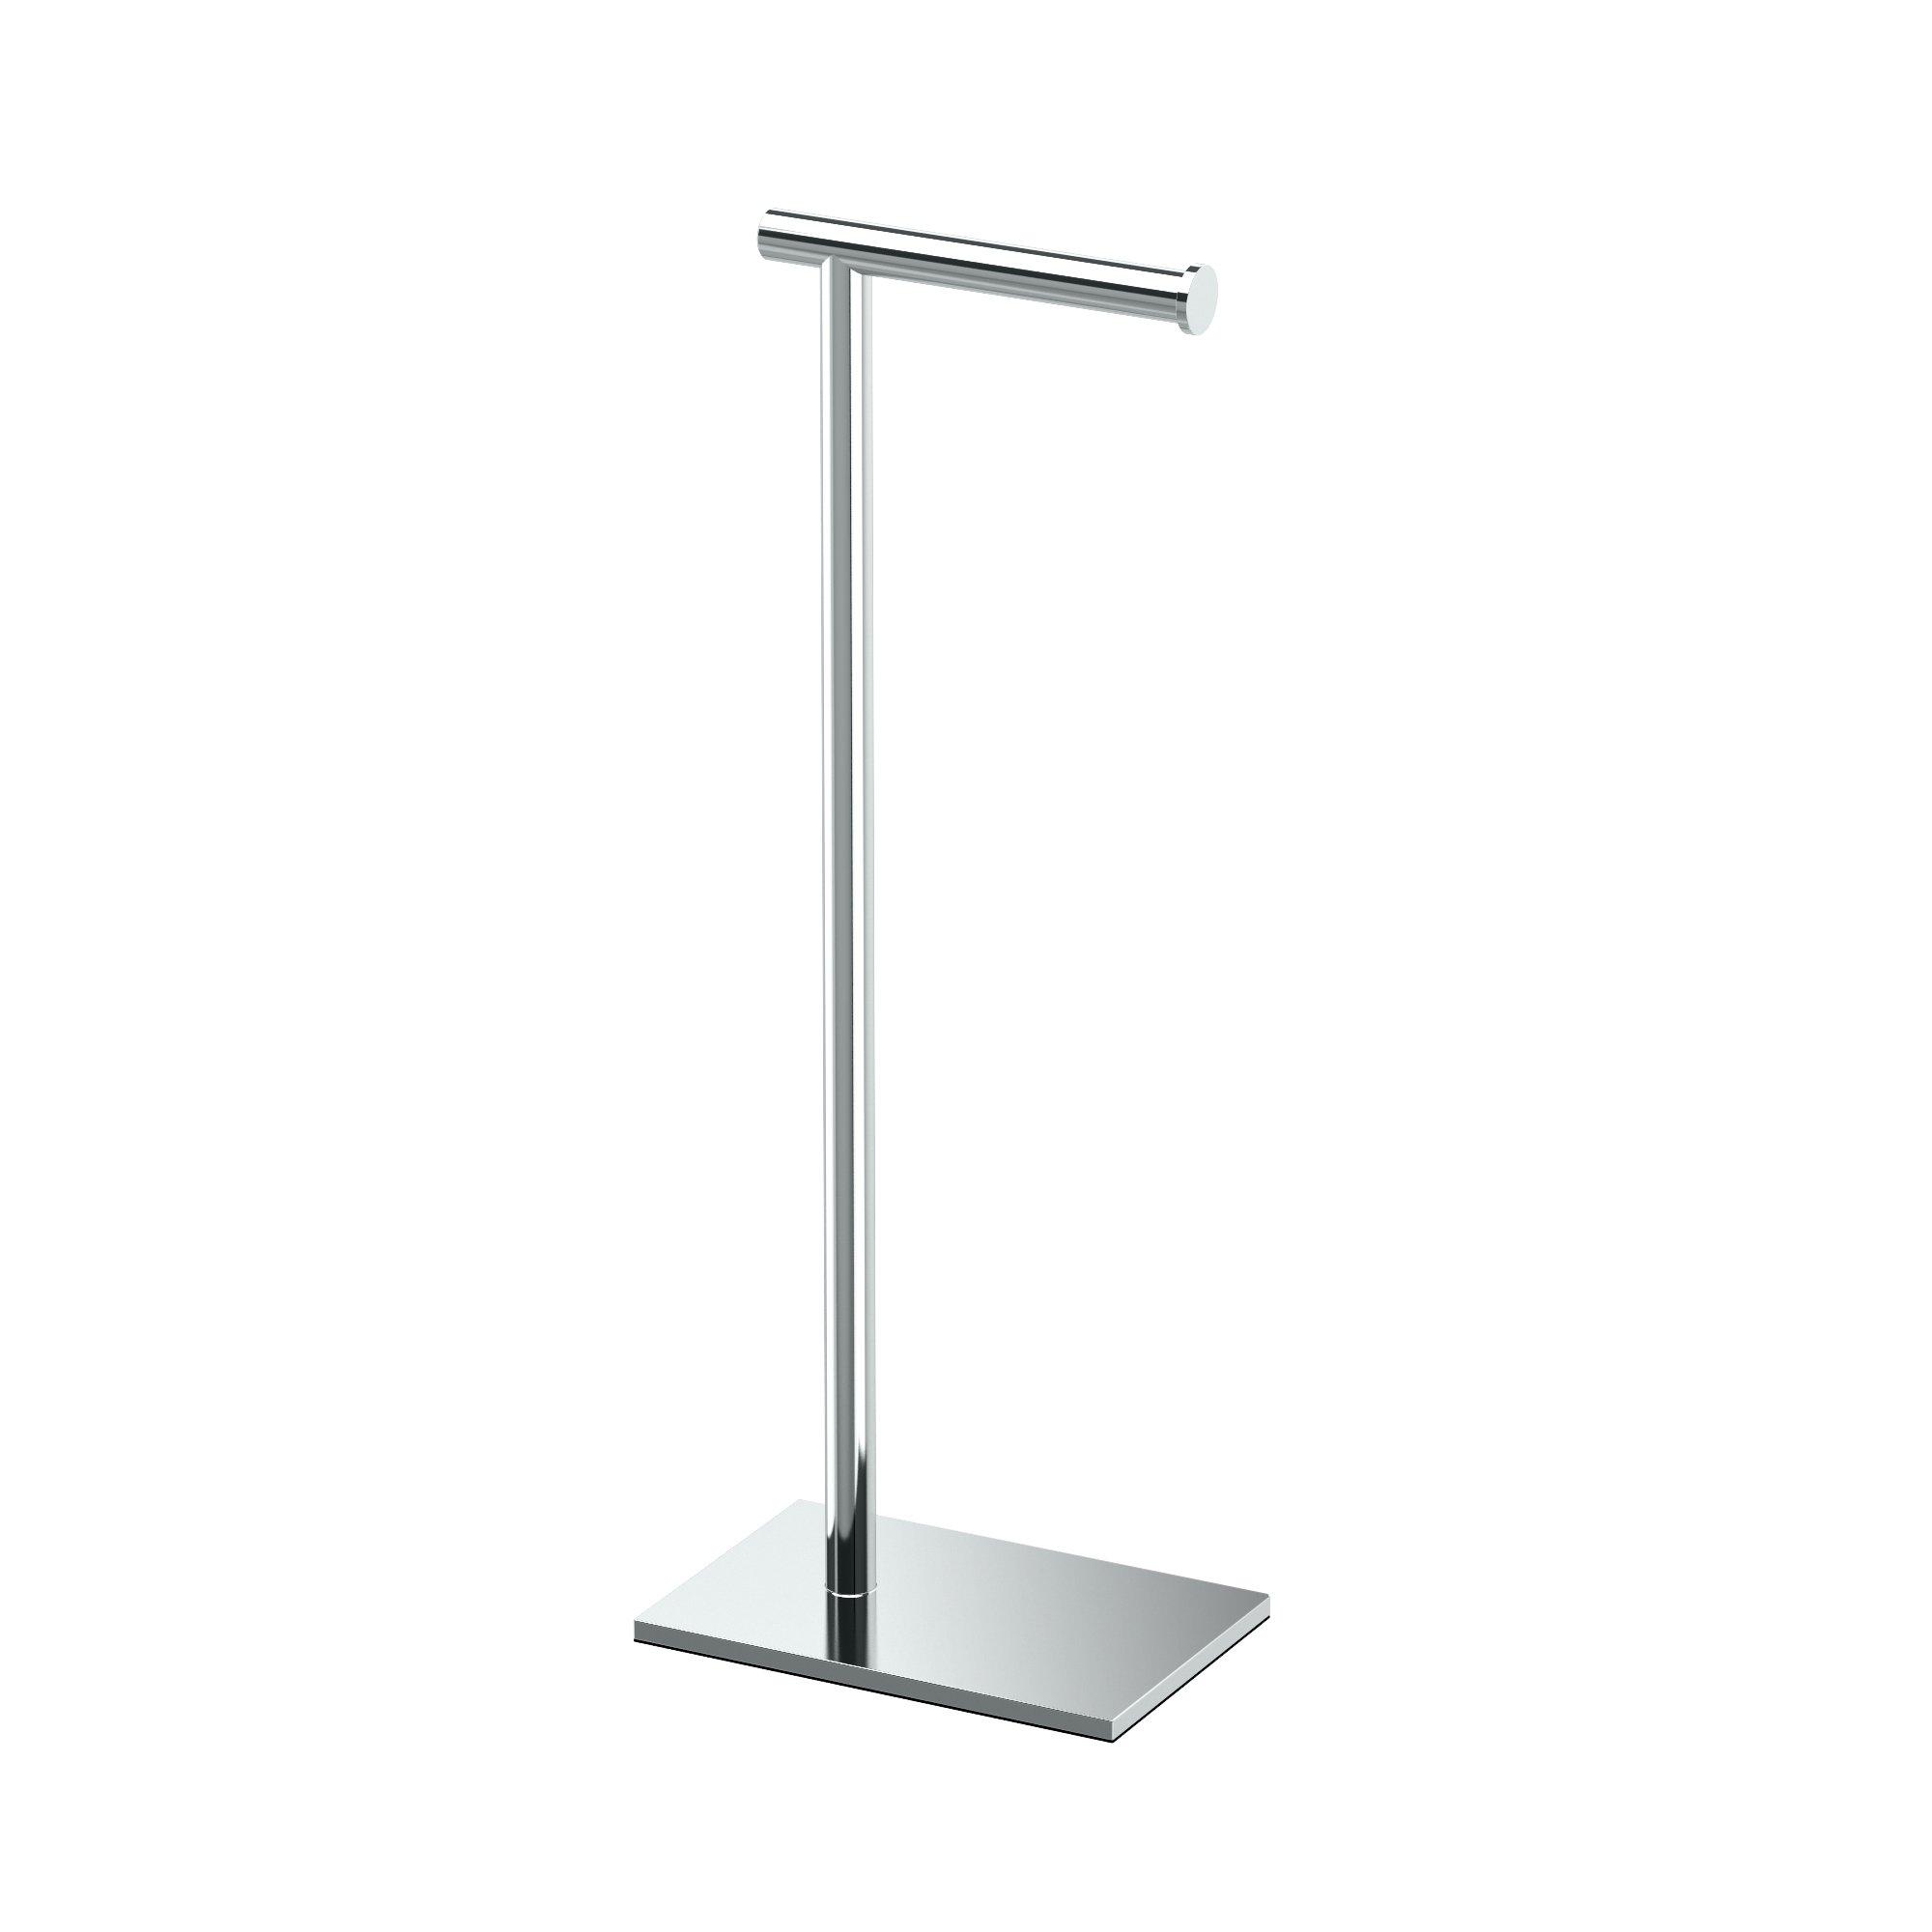 Modern Square Base Tissue Holder Stand, 22.25'', in Chrome